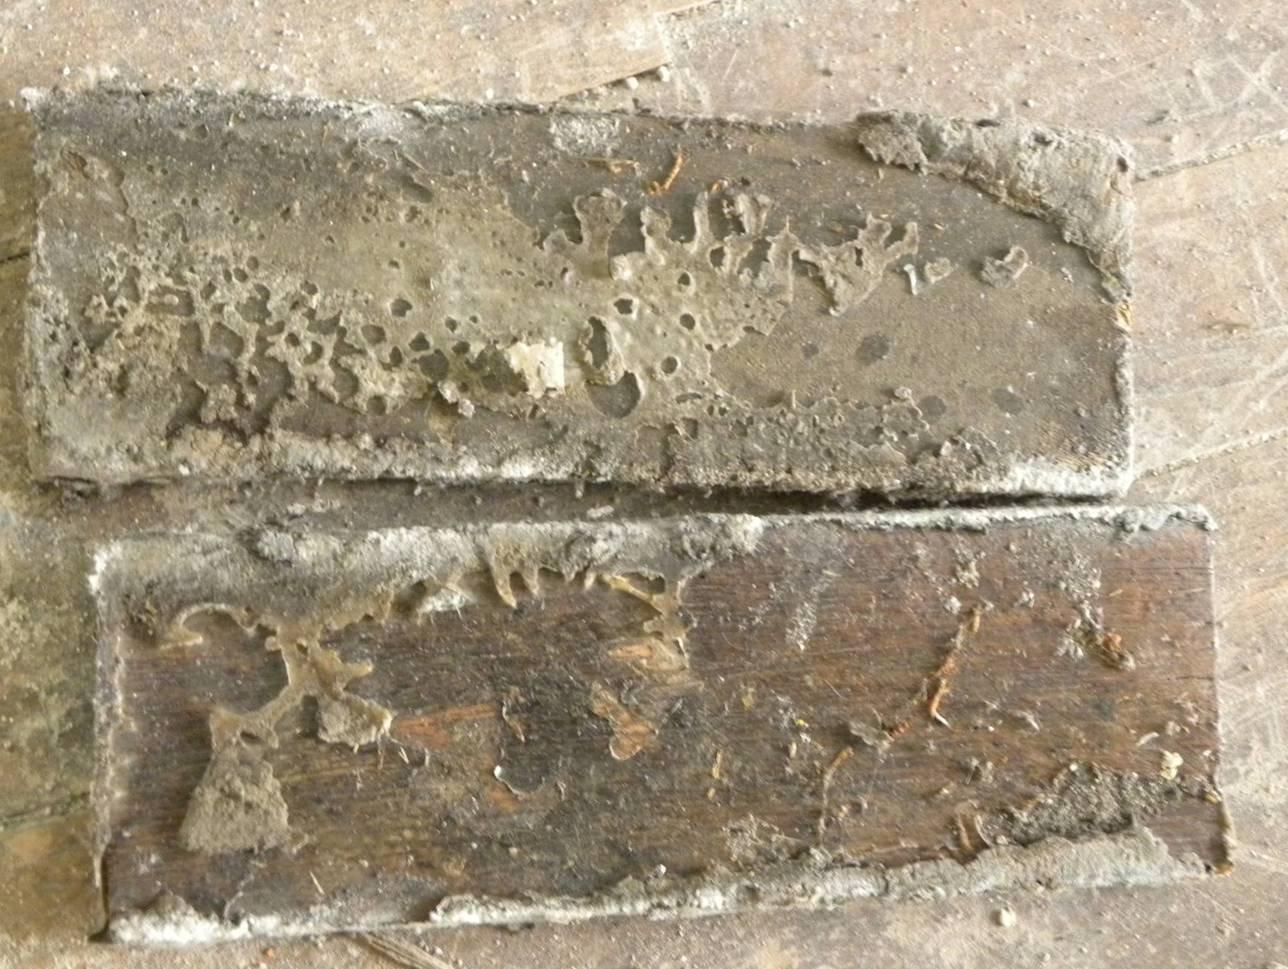 重新装修,可以在老式木条地板上直接铺复合地板么 急求高清图片